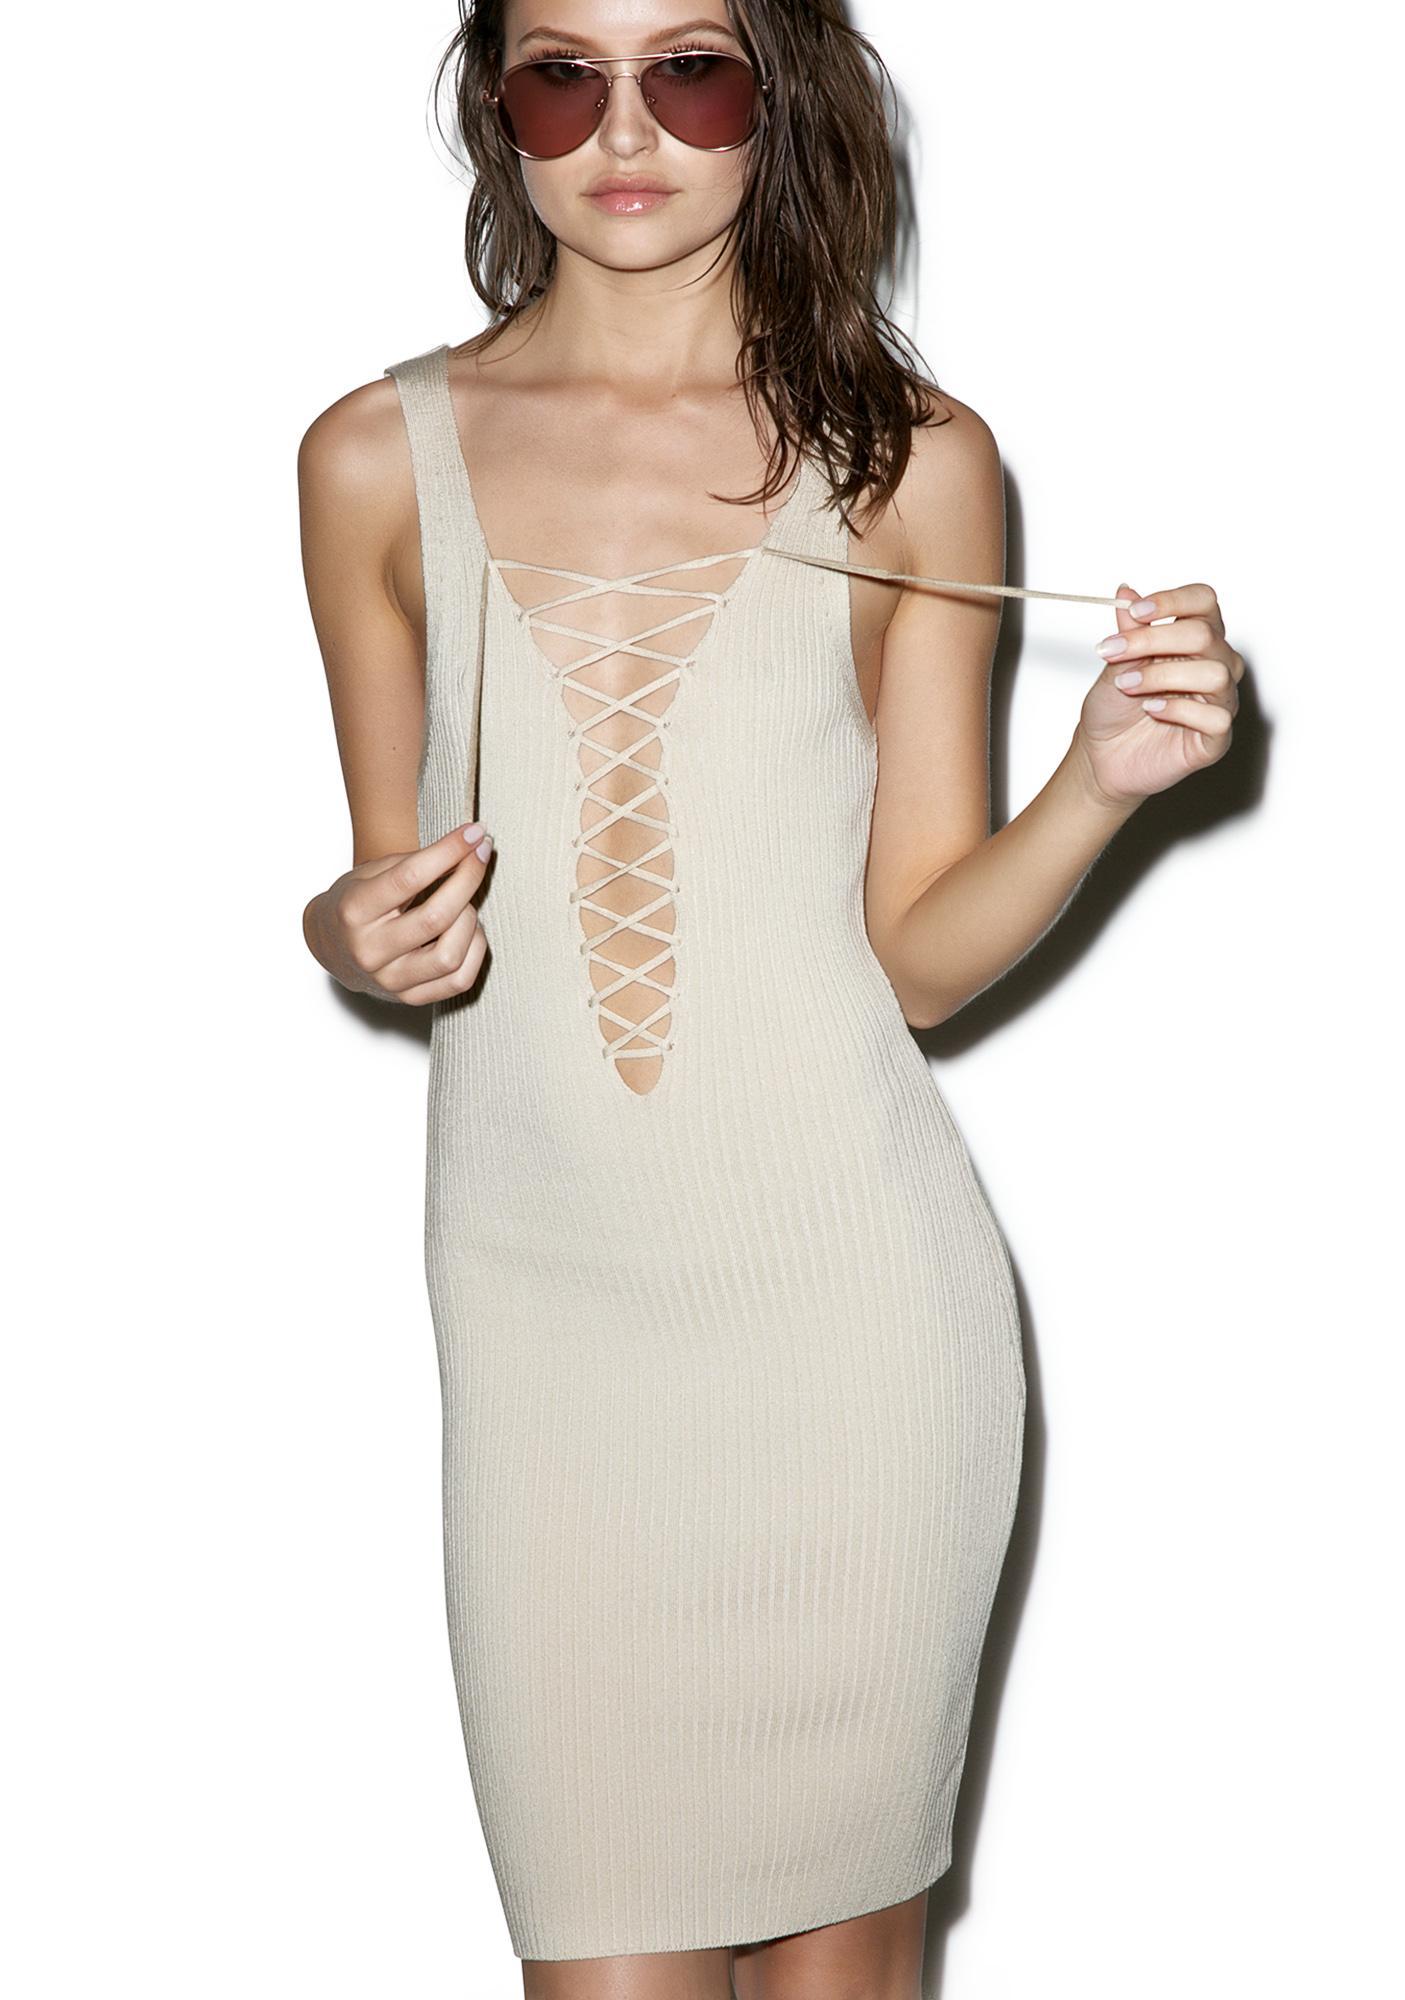 Café Au Lace Up Dress